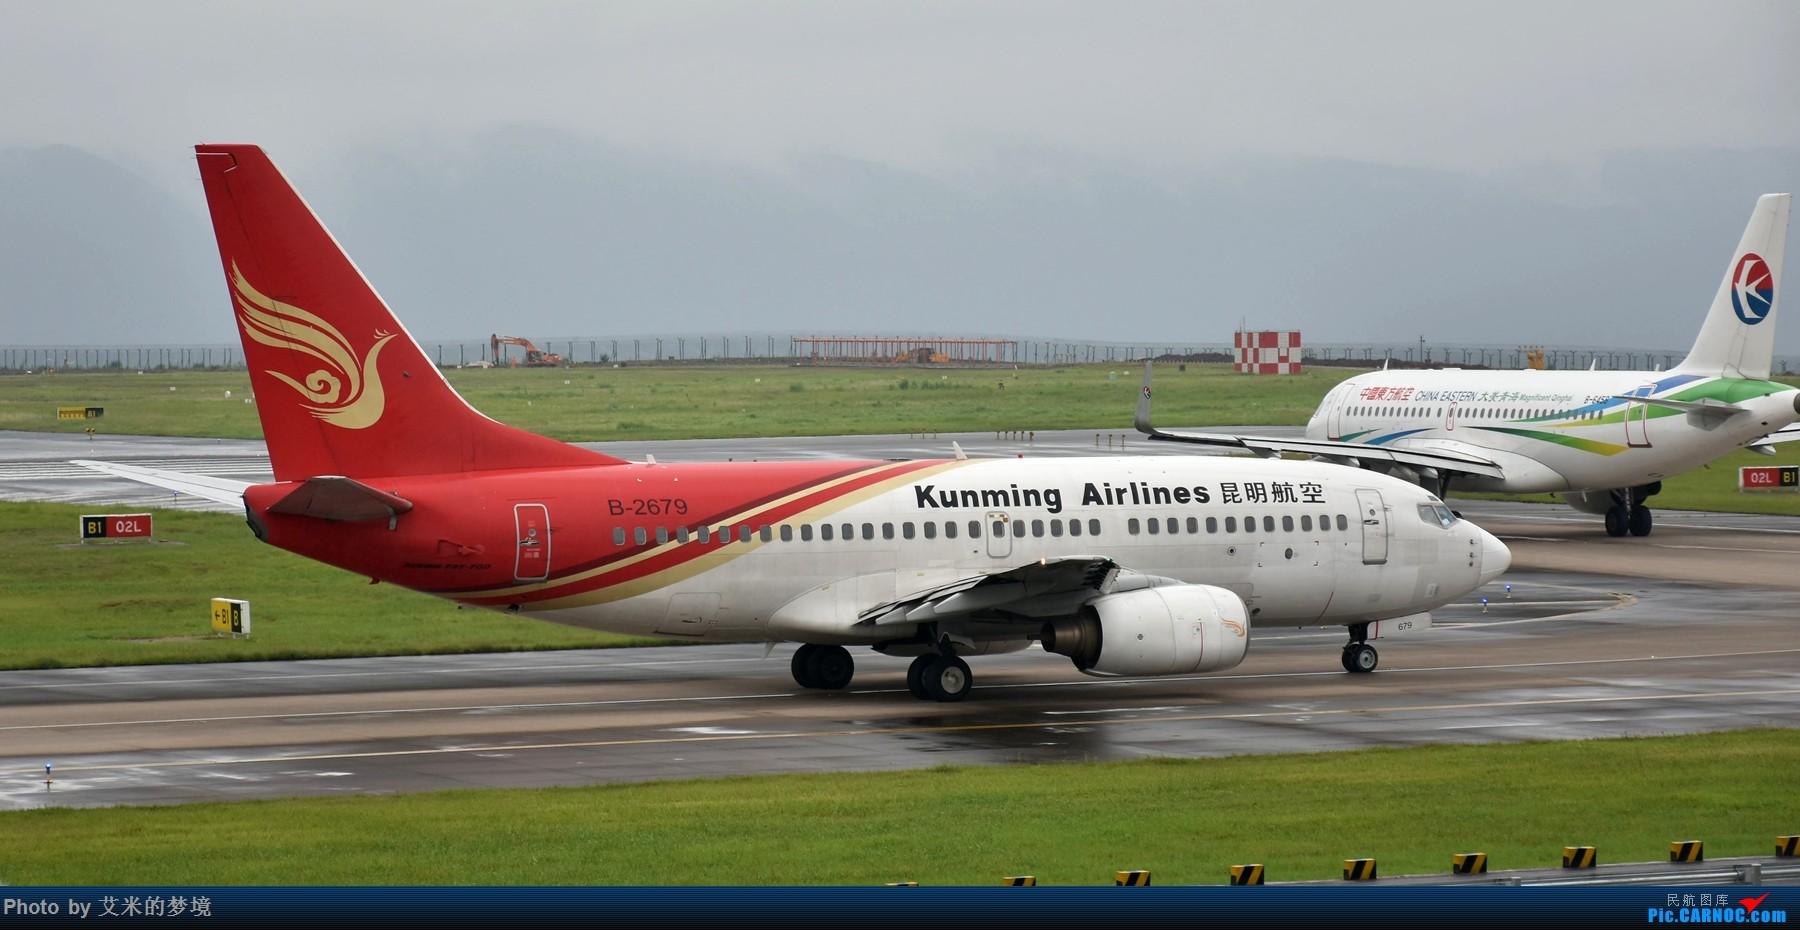 Re:[原创]【carnoc重庆飞友会】7.14雨中奔袭。。又被放鸽子的首航日 BOEING 737-700 B-2679 中国重庆江北国际机场